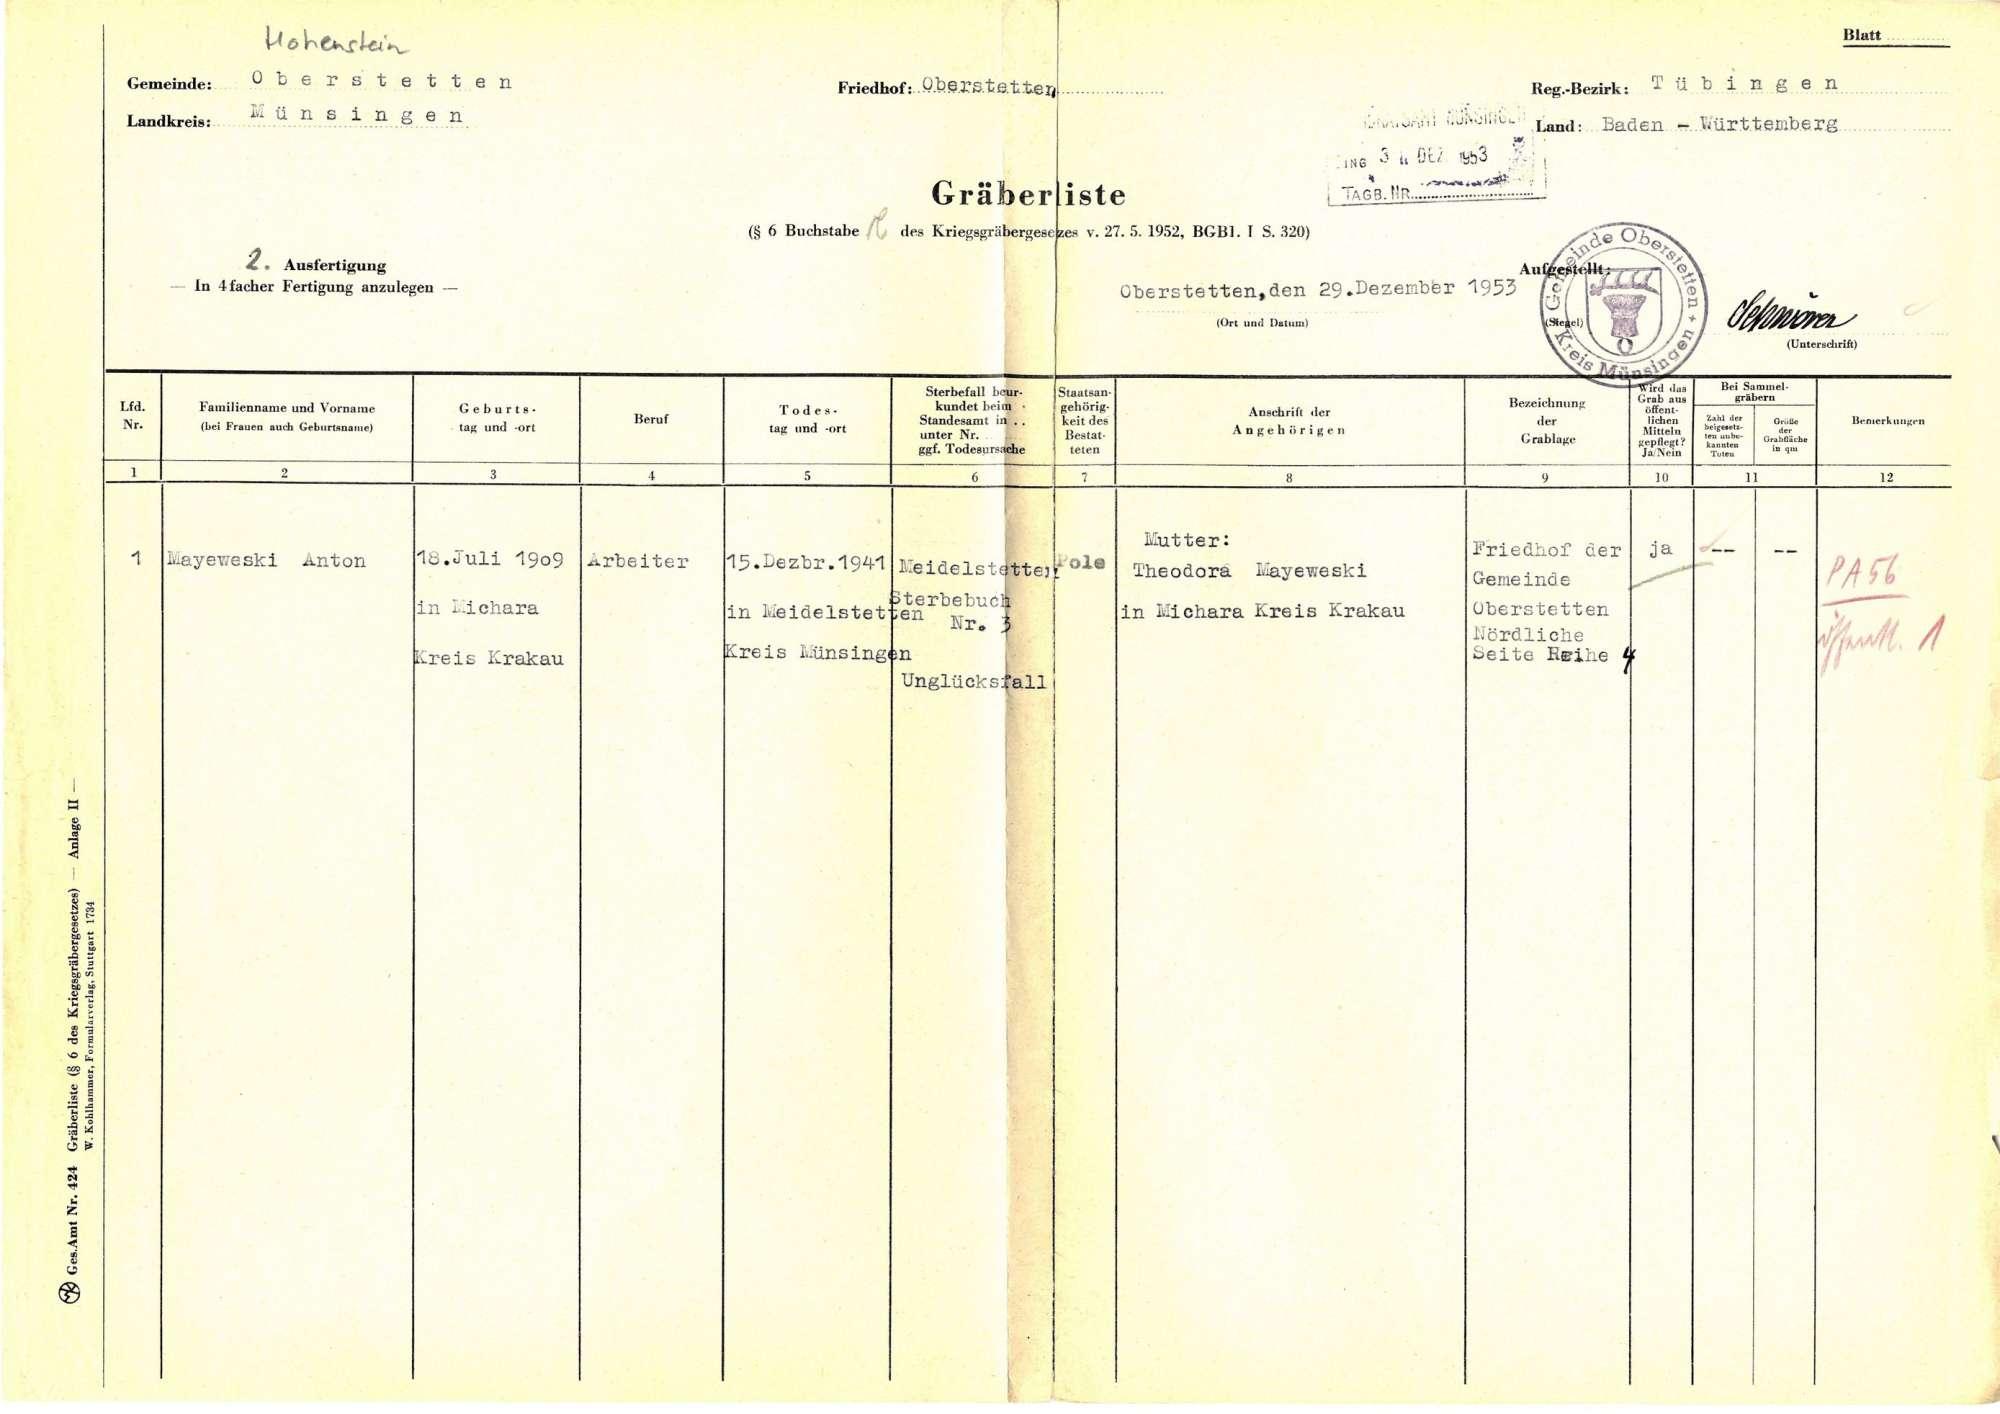 Oberstetten, Bild 1